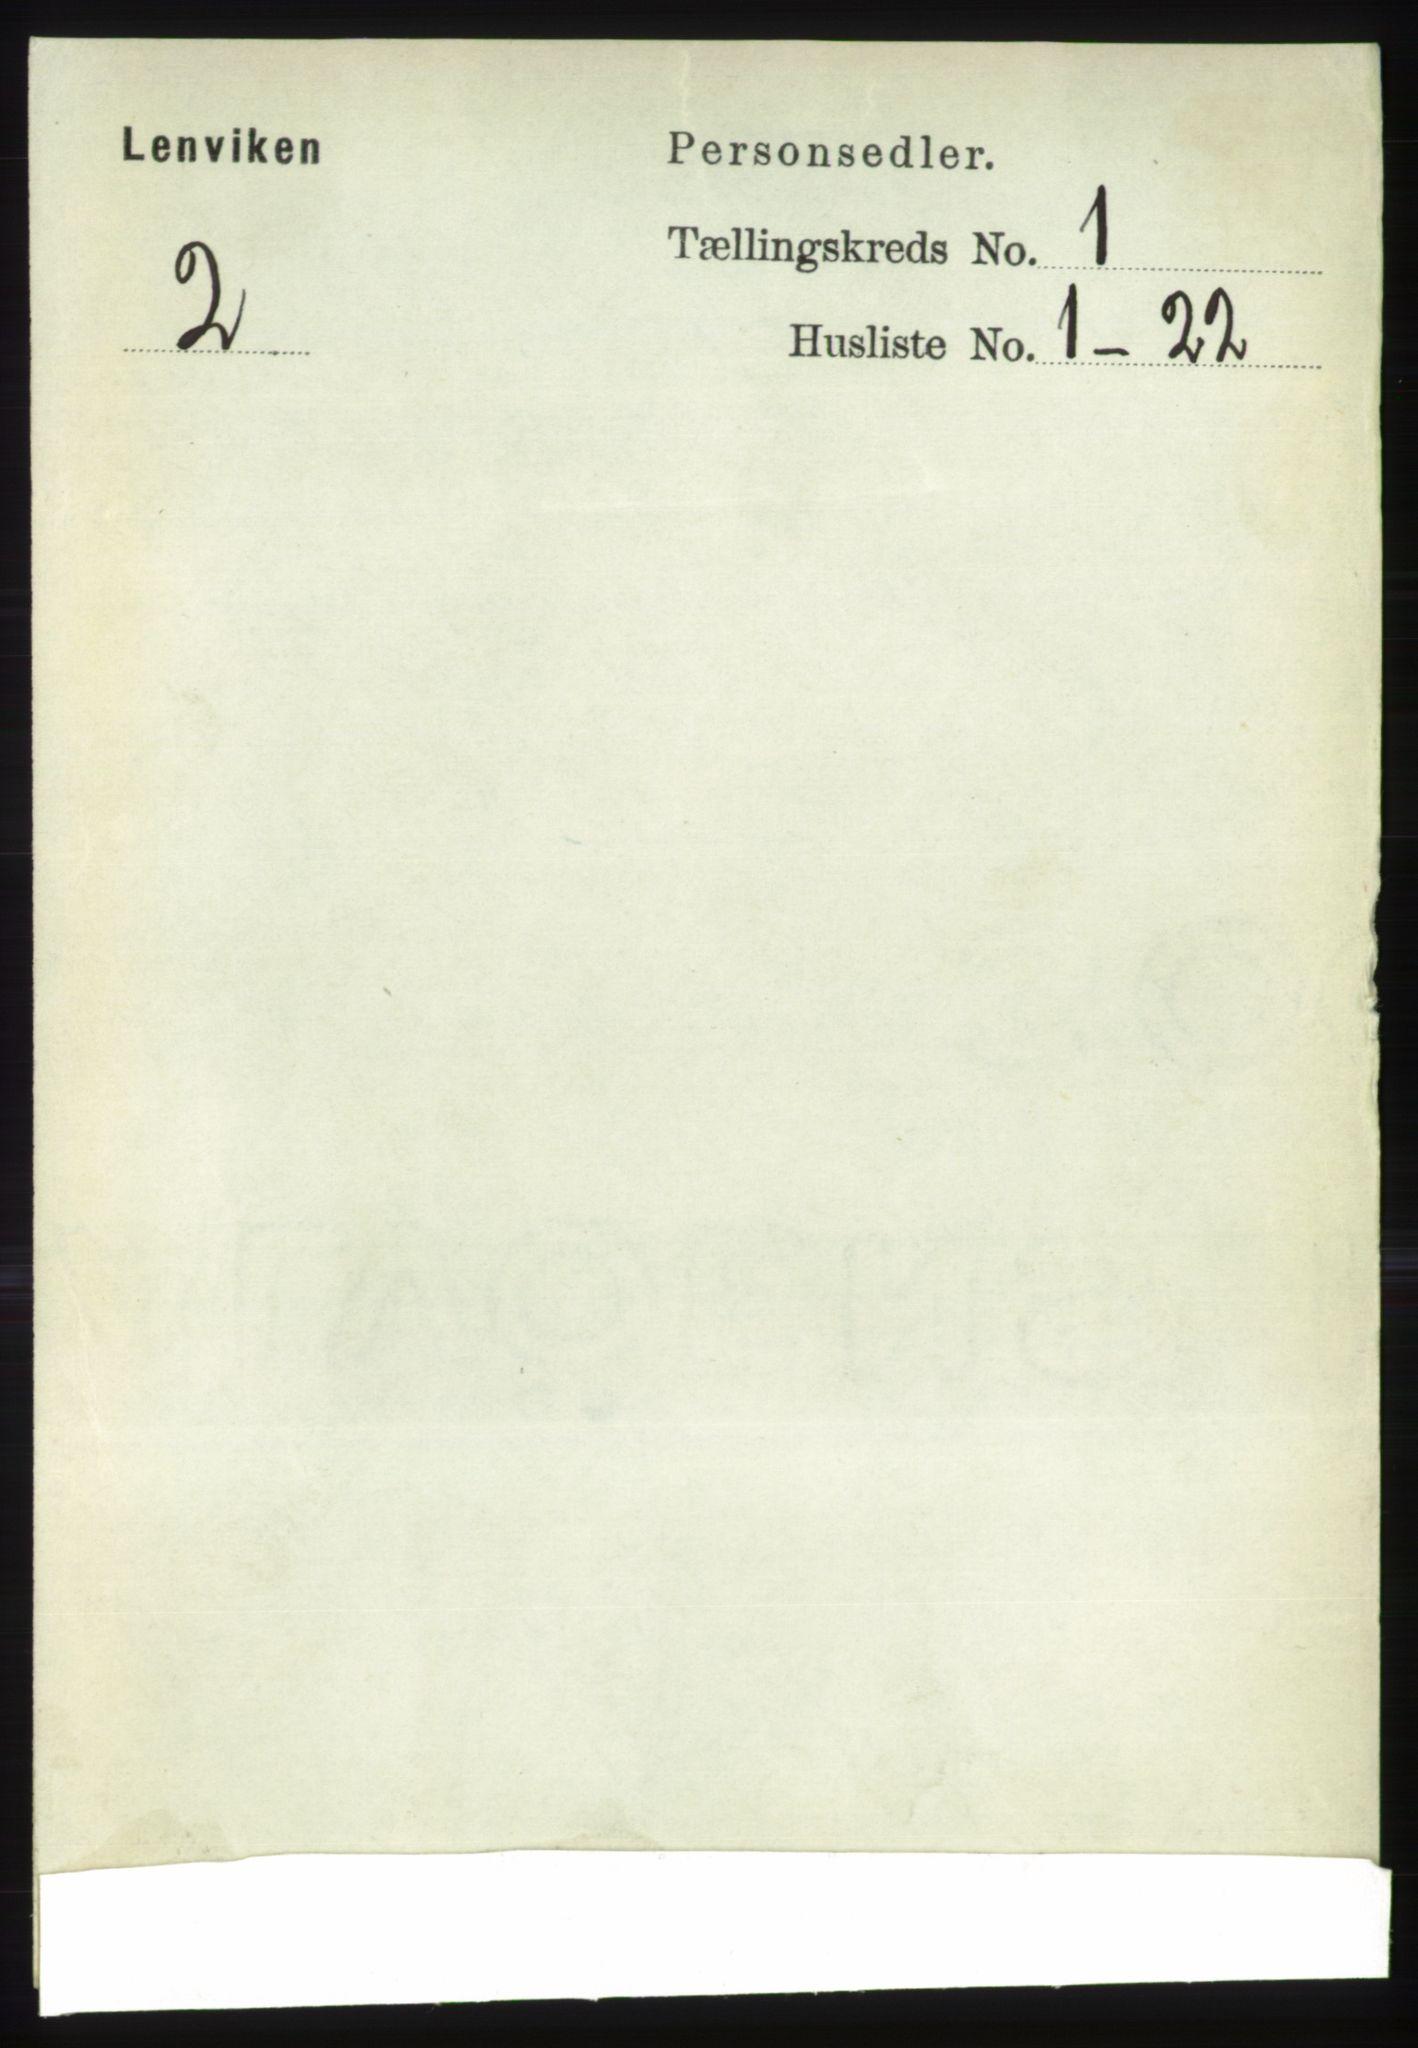 RA, Folketelling 1891 for 1931 Lenvik herred, 1891, s. 109